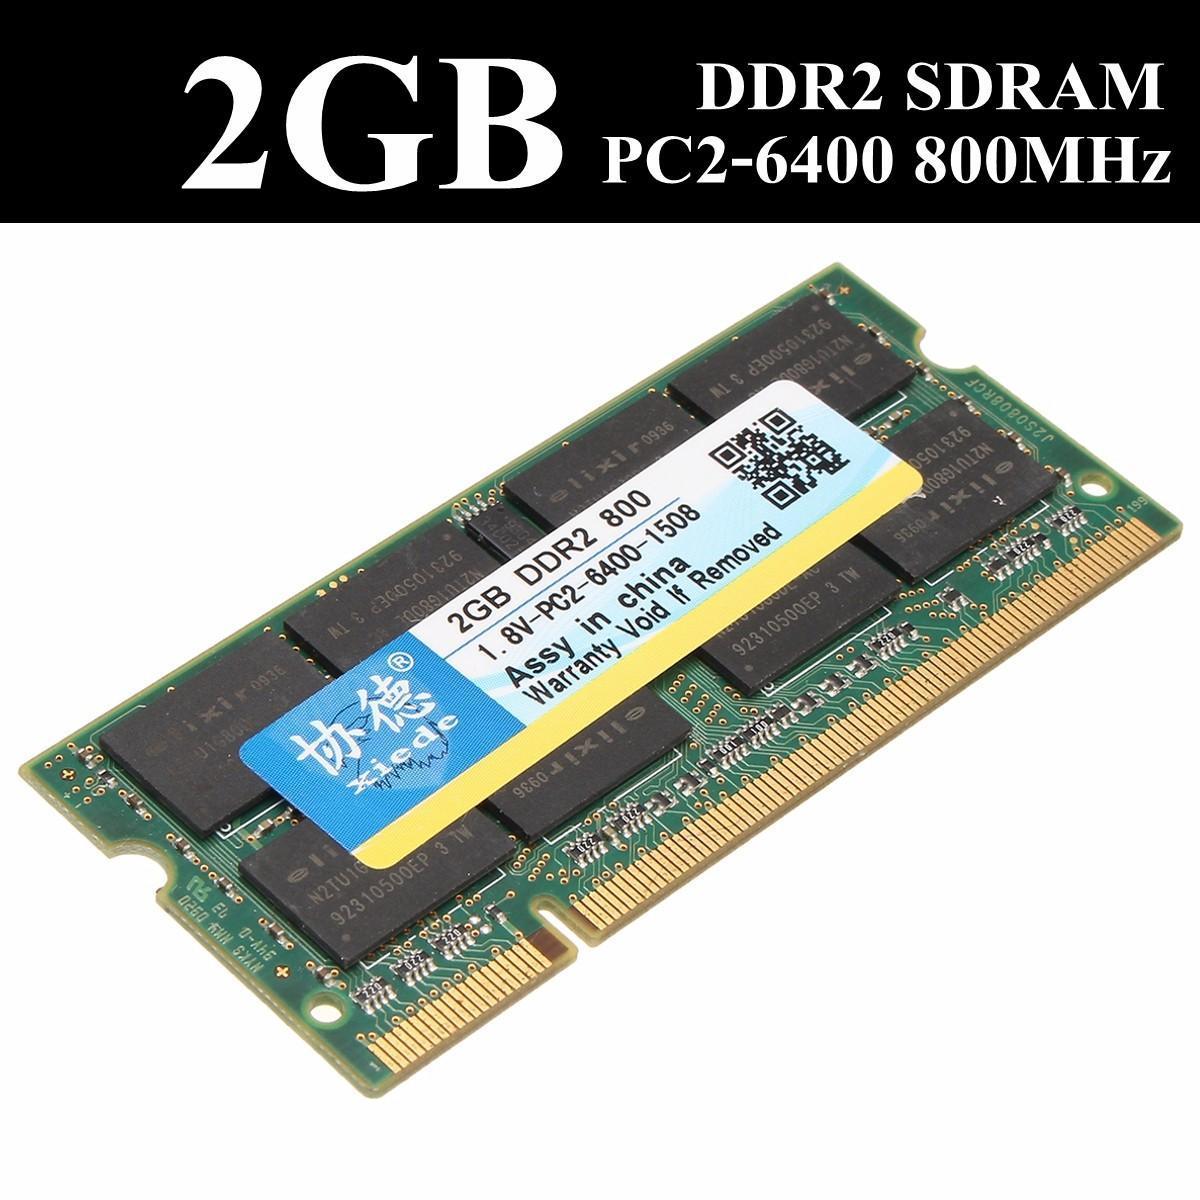 Xiede 2 ГБ DDR2 800 PC2-6400 не ECC ноутбук компьютер памяти DIMM памяти 200 контактов for 2gb 1x2gb pc2 6400 ddr2 800 450260 b21 460424 001 with 1 year warranty